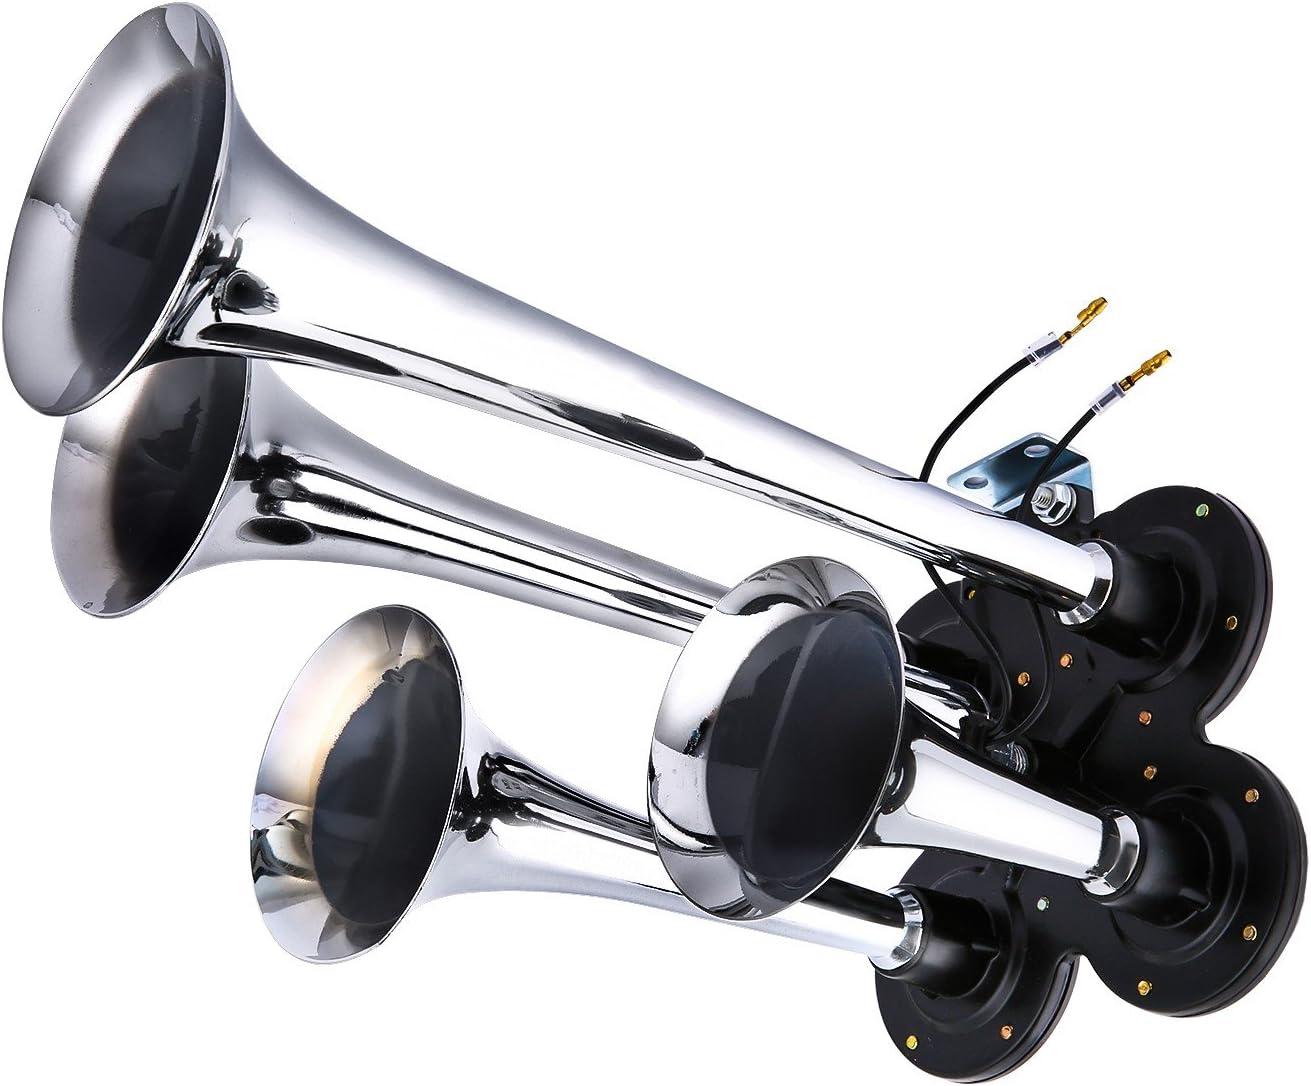 150DB Train Air Horn Kit 4 Trumpet Train Horn Kit with 120 PSI Air Compressor 1.5 Gal Air Tank for Car Truck Train Van Boat Silver